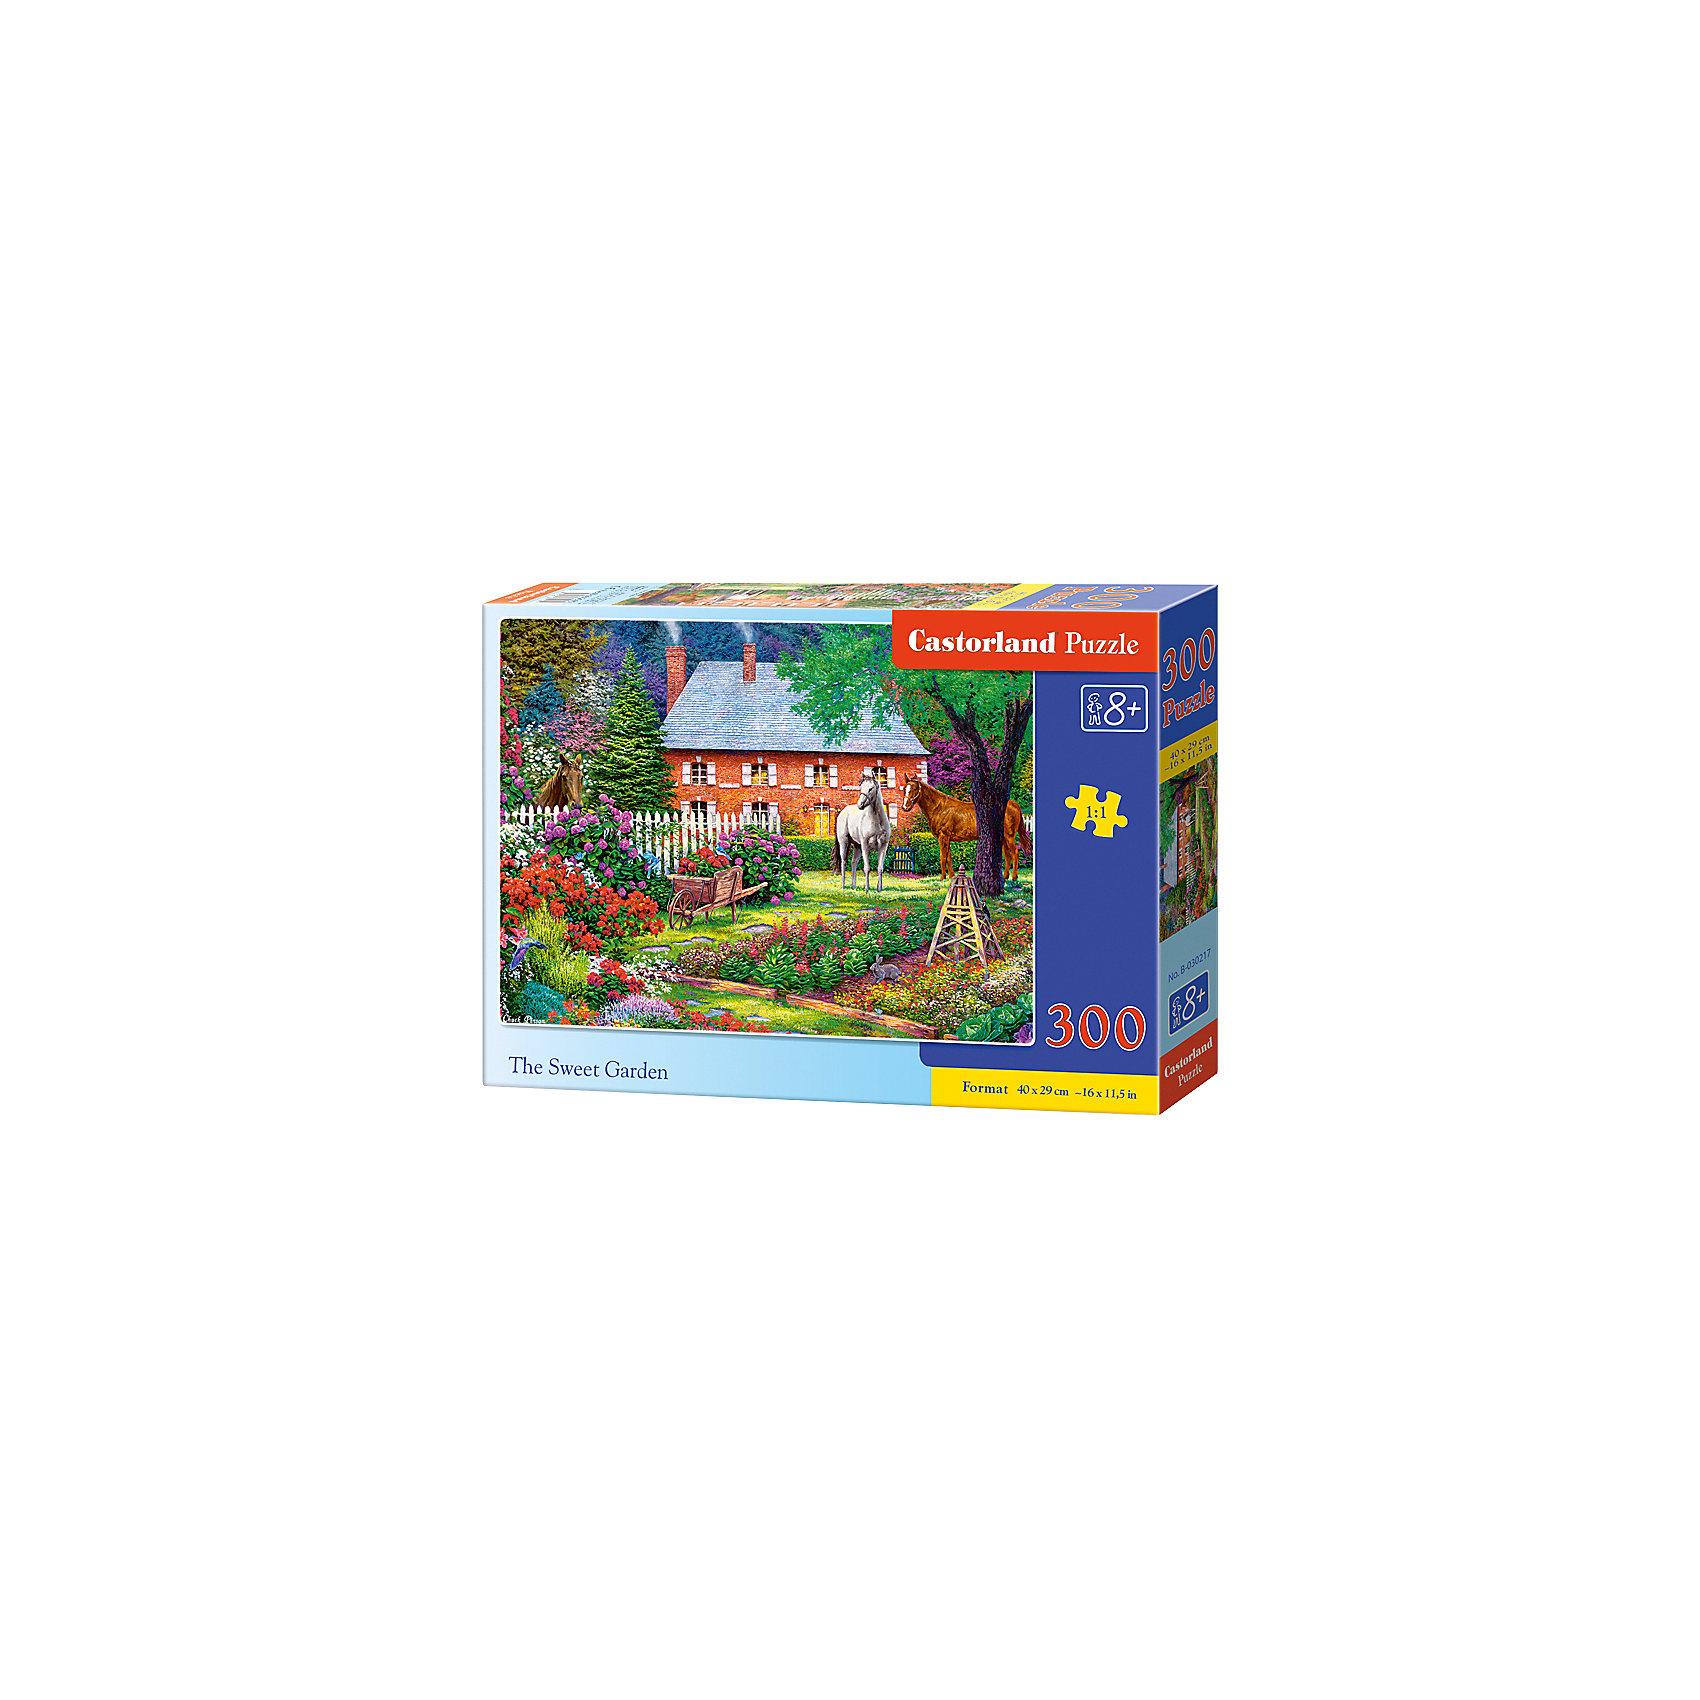 Пазл Castorland Чудесный сад, 300 деталейПазлы для детей постарше<br>Характеристики:<br><br>• возраст: от 8 лет<br>• количество деталей: 300 шт.<br>• размер собранного пазла: 40х29 см.<br>• материал: картон<br>• упаковка: картонная коробка<br>• размер упаковки: 32x4,7x22 см.<br>• вес: 300 гр.<br>• страна обладатель бренда: Польша<br><br>Пазл «Чудесный сад» от Castorland (Касторленд) отличается высоким качеством, высоким уровнем полиграфии, насыщенными цветами и идеальной стыковкой элементов. Из 300 элементов пазла ребенок соберет красивую картину с изображением живописного сада.<br><br>Пазл Чудесный сад, 300 деталей, Castorland (Касторленд) можно купить в нашем интернет-магазине.<br><br>Ширина мм: 320<br>Глубина мм: 220<br>Высота мм: 47<br>Вес г: 300<br>Возраст от месяцев: 96<br>Возраст до месяцев: 2147483647<br>Пол: Унисекс<br>Возраст: Детский<br>SKU: 6725106